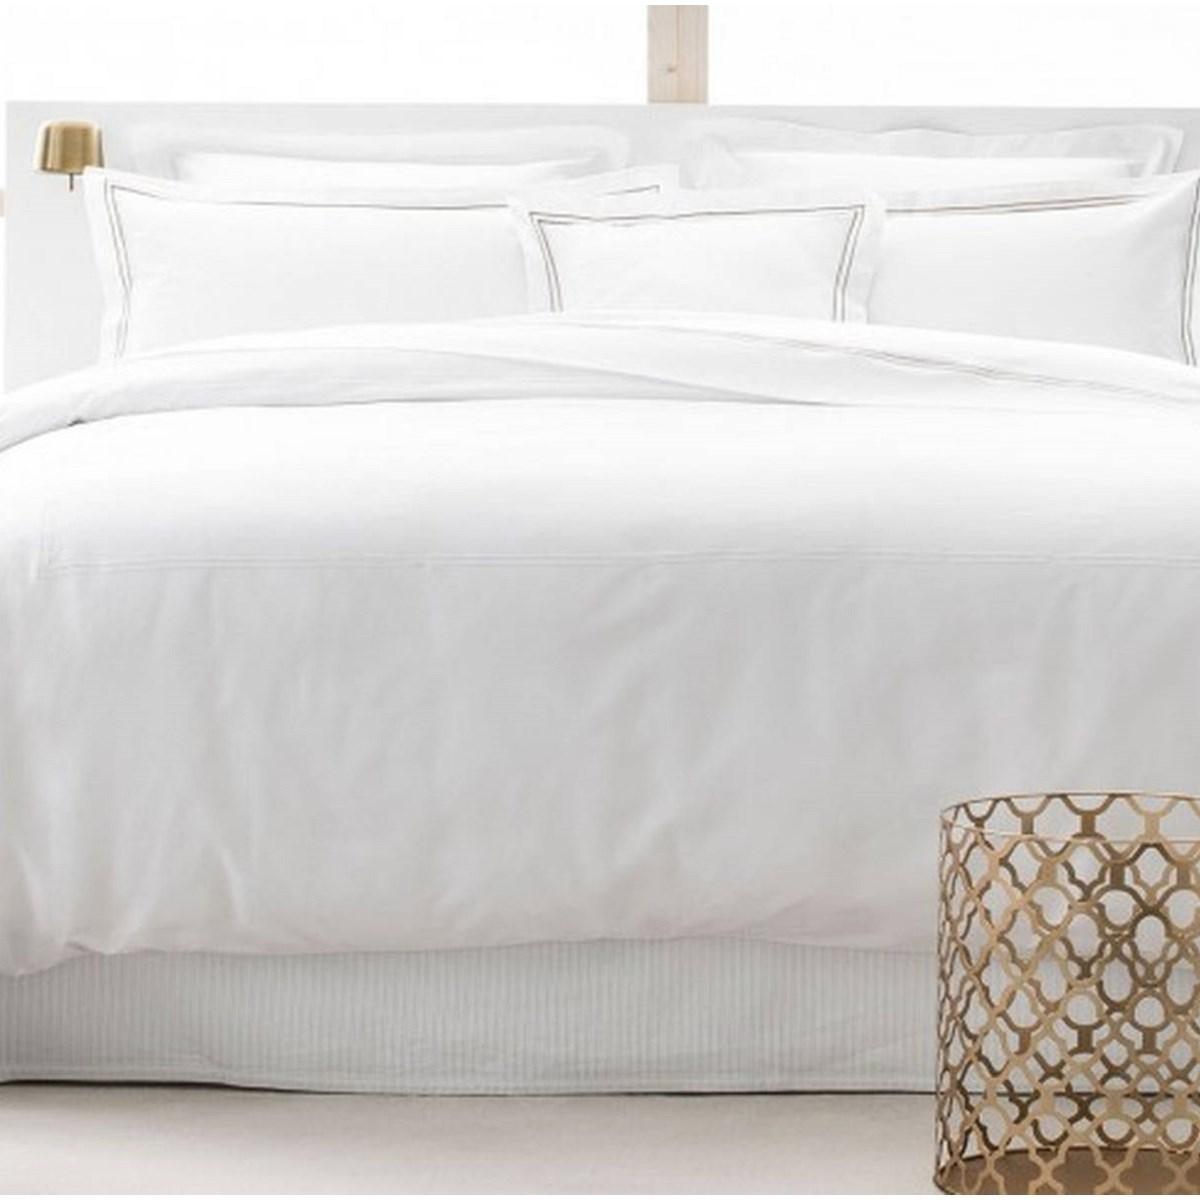 Drap plat luxe en Satin de coton Beige 240x310 cm